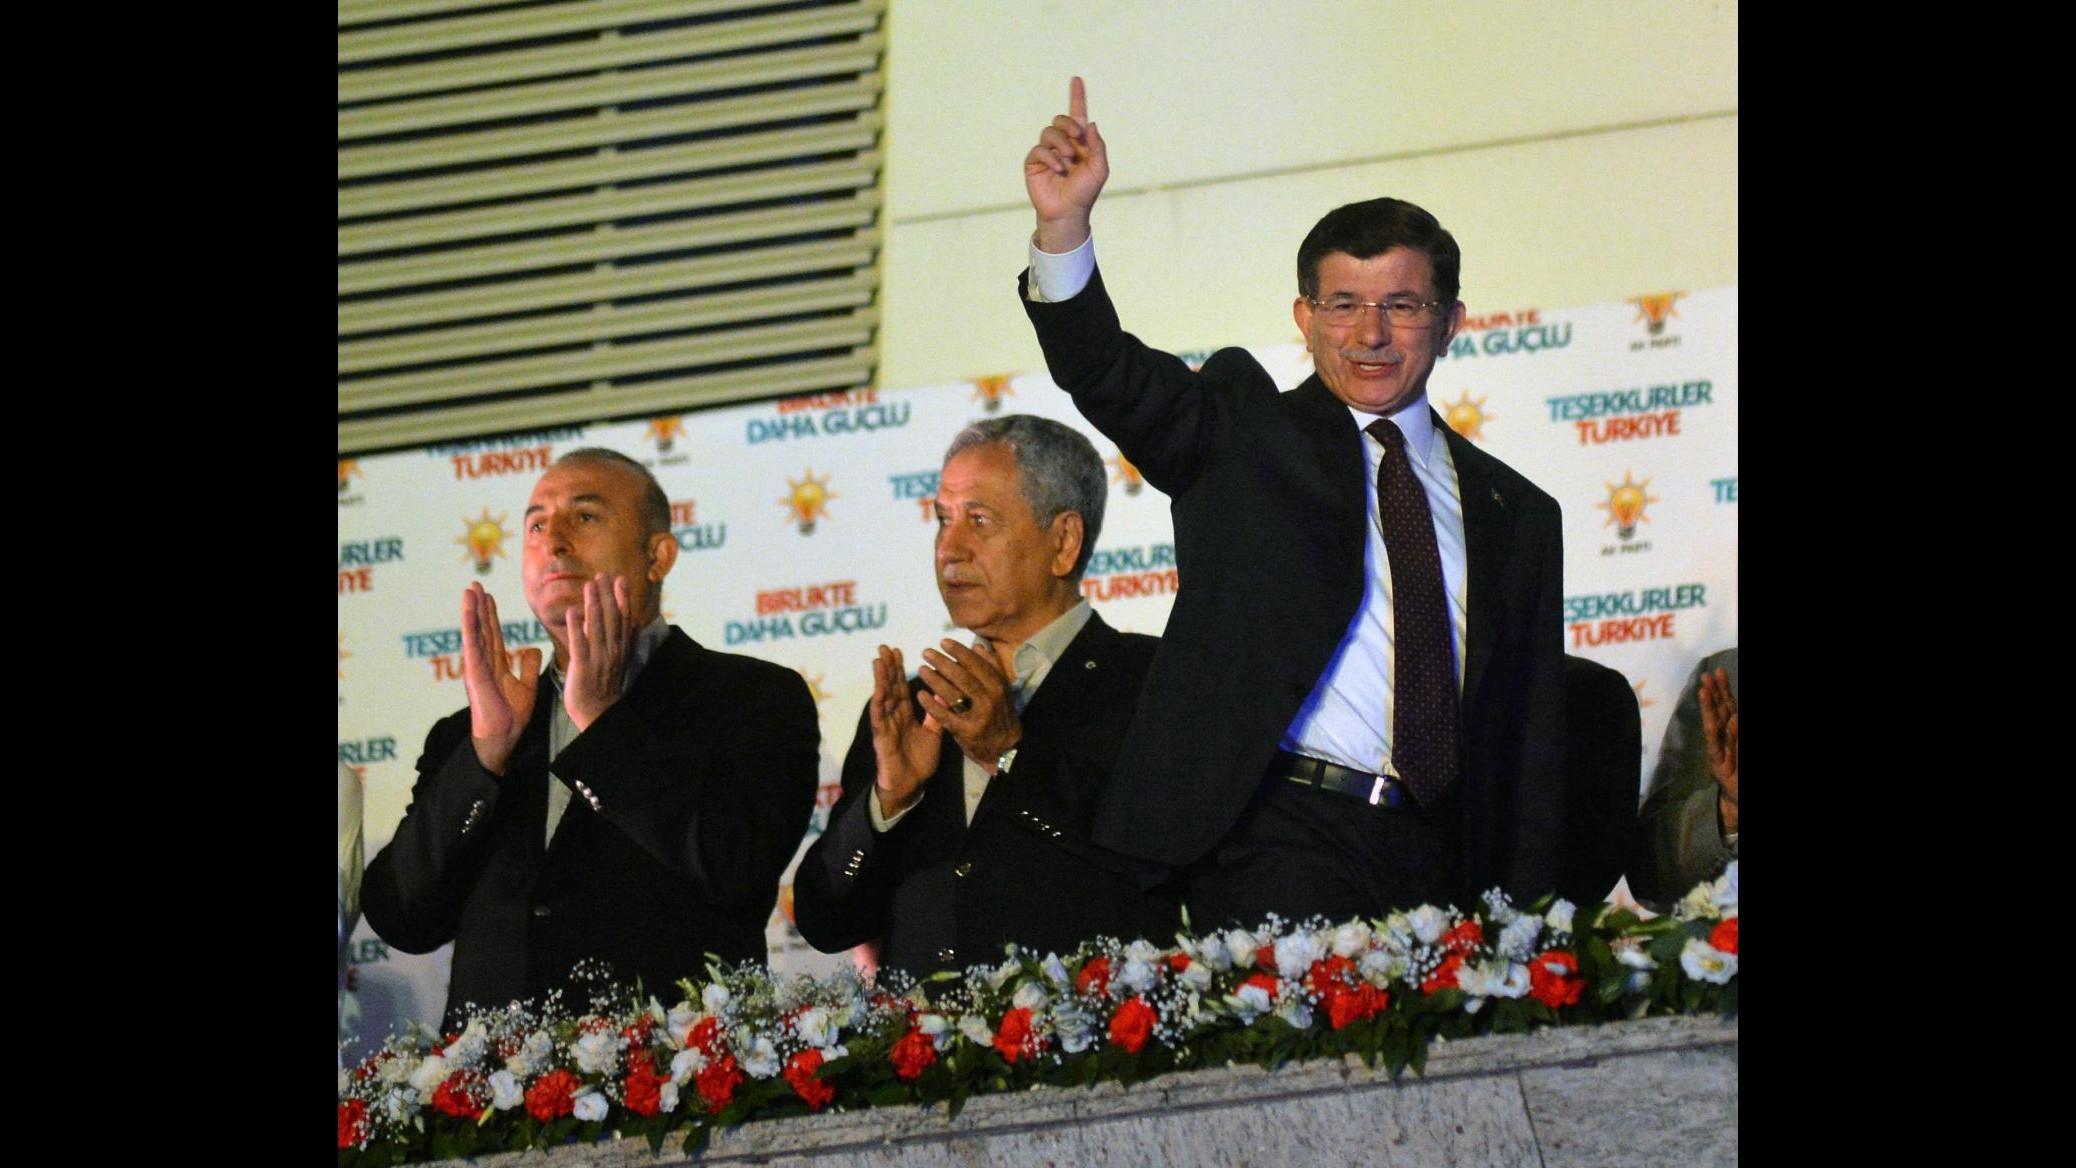 Elezioni in Turchia, Akp: Esclusa alleanza con Mhp, governiamo da soli